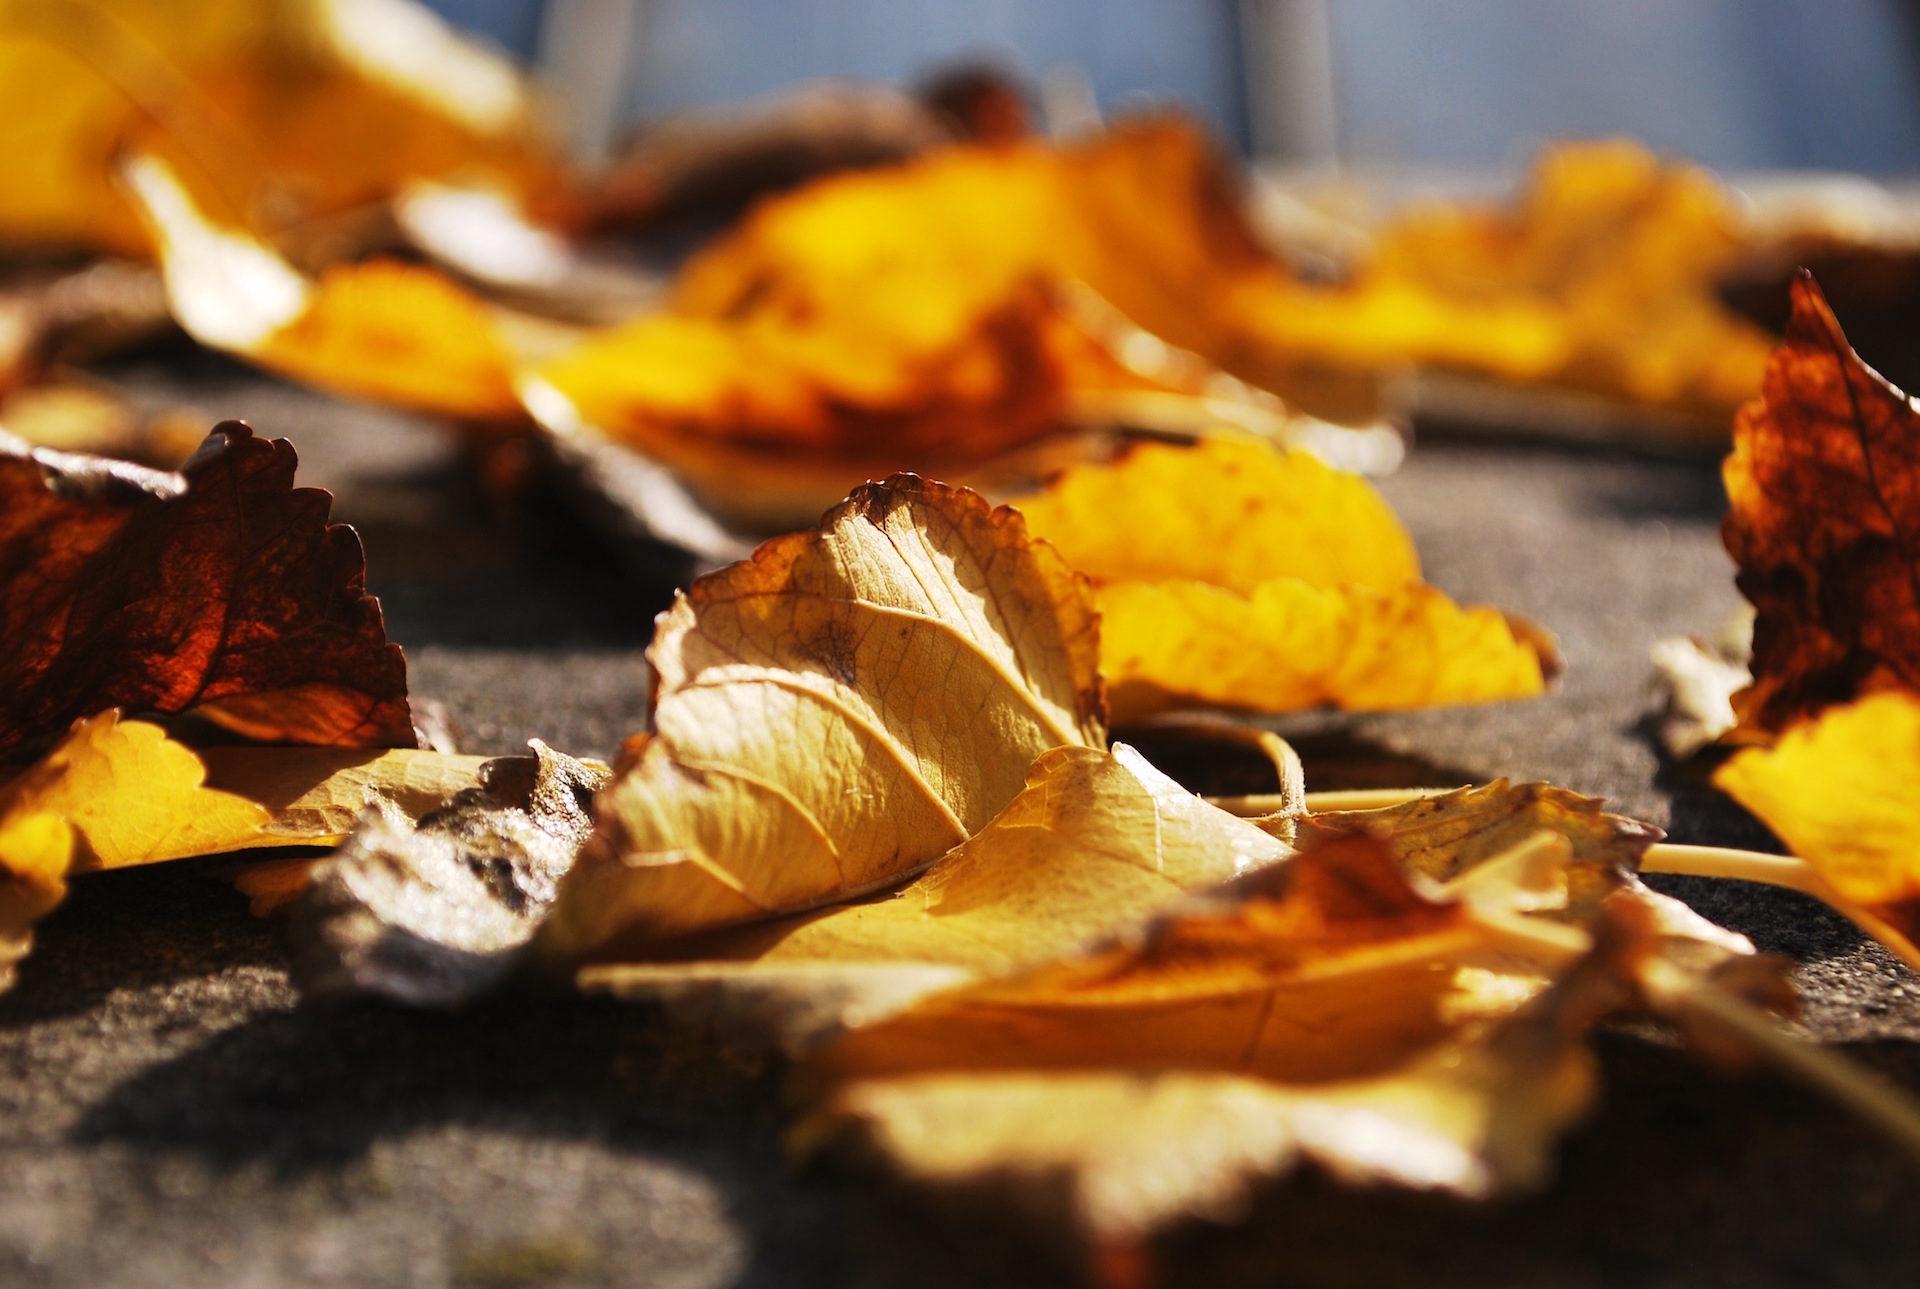 hojas, secas, suelo, otoño, caída - Fondos de Pantalla HD - professor-falken.com